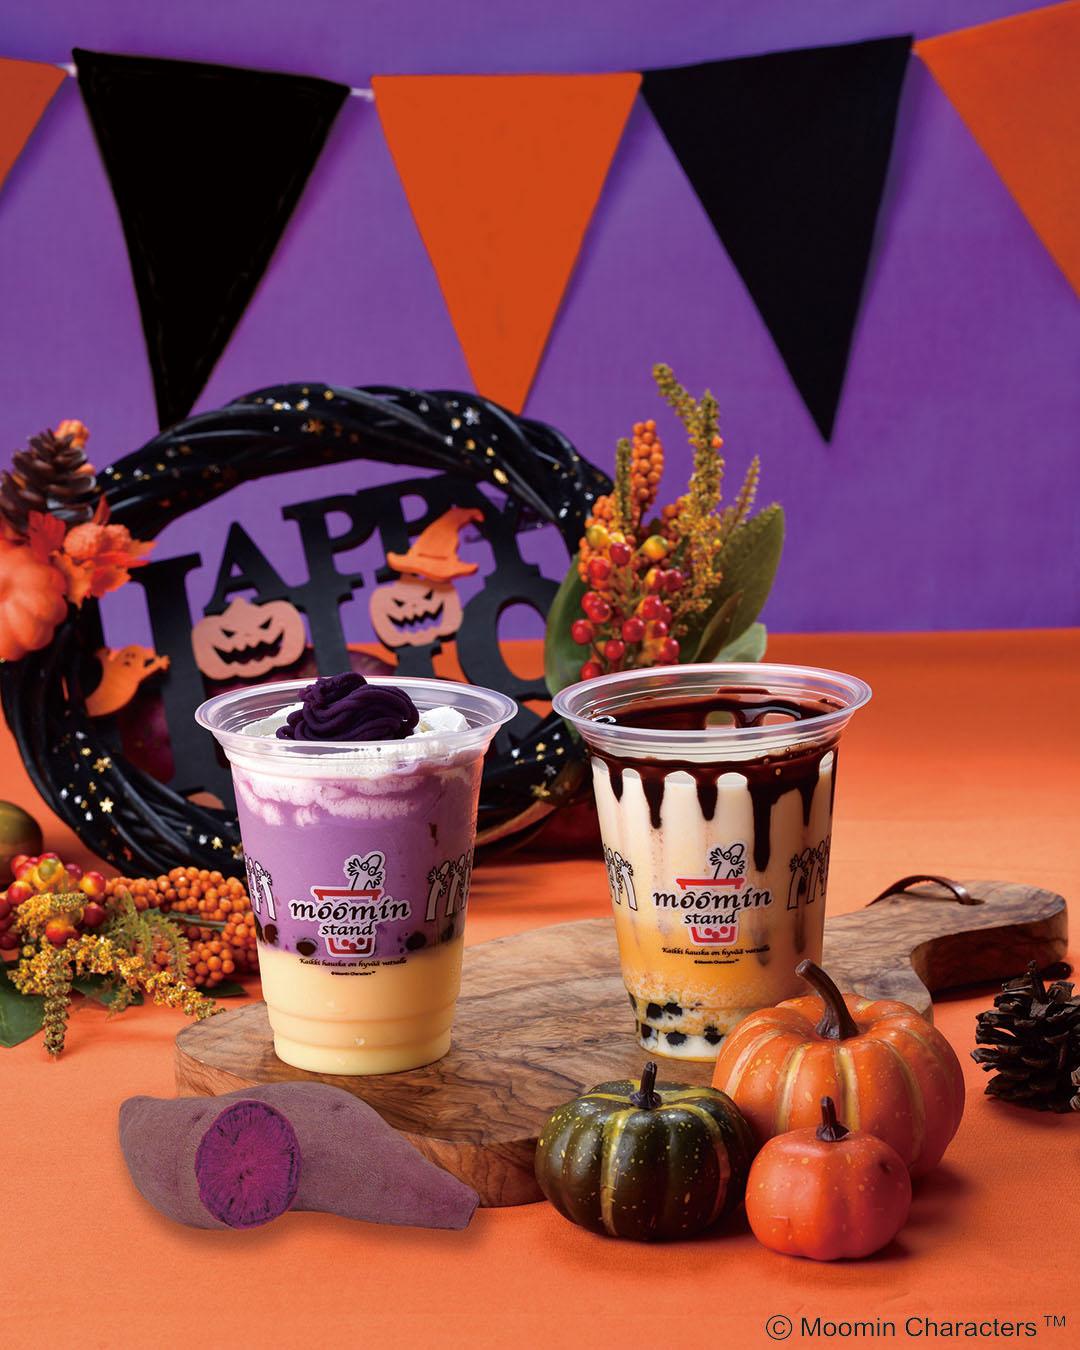 秋の味覚、むらさき芋&かぼちゃが楽しめる秋メニュー2種が9月18日(金)より期間限定発売💜🧡